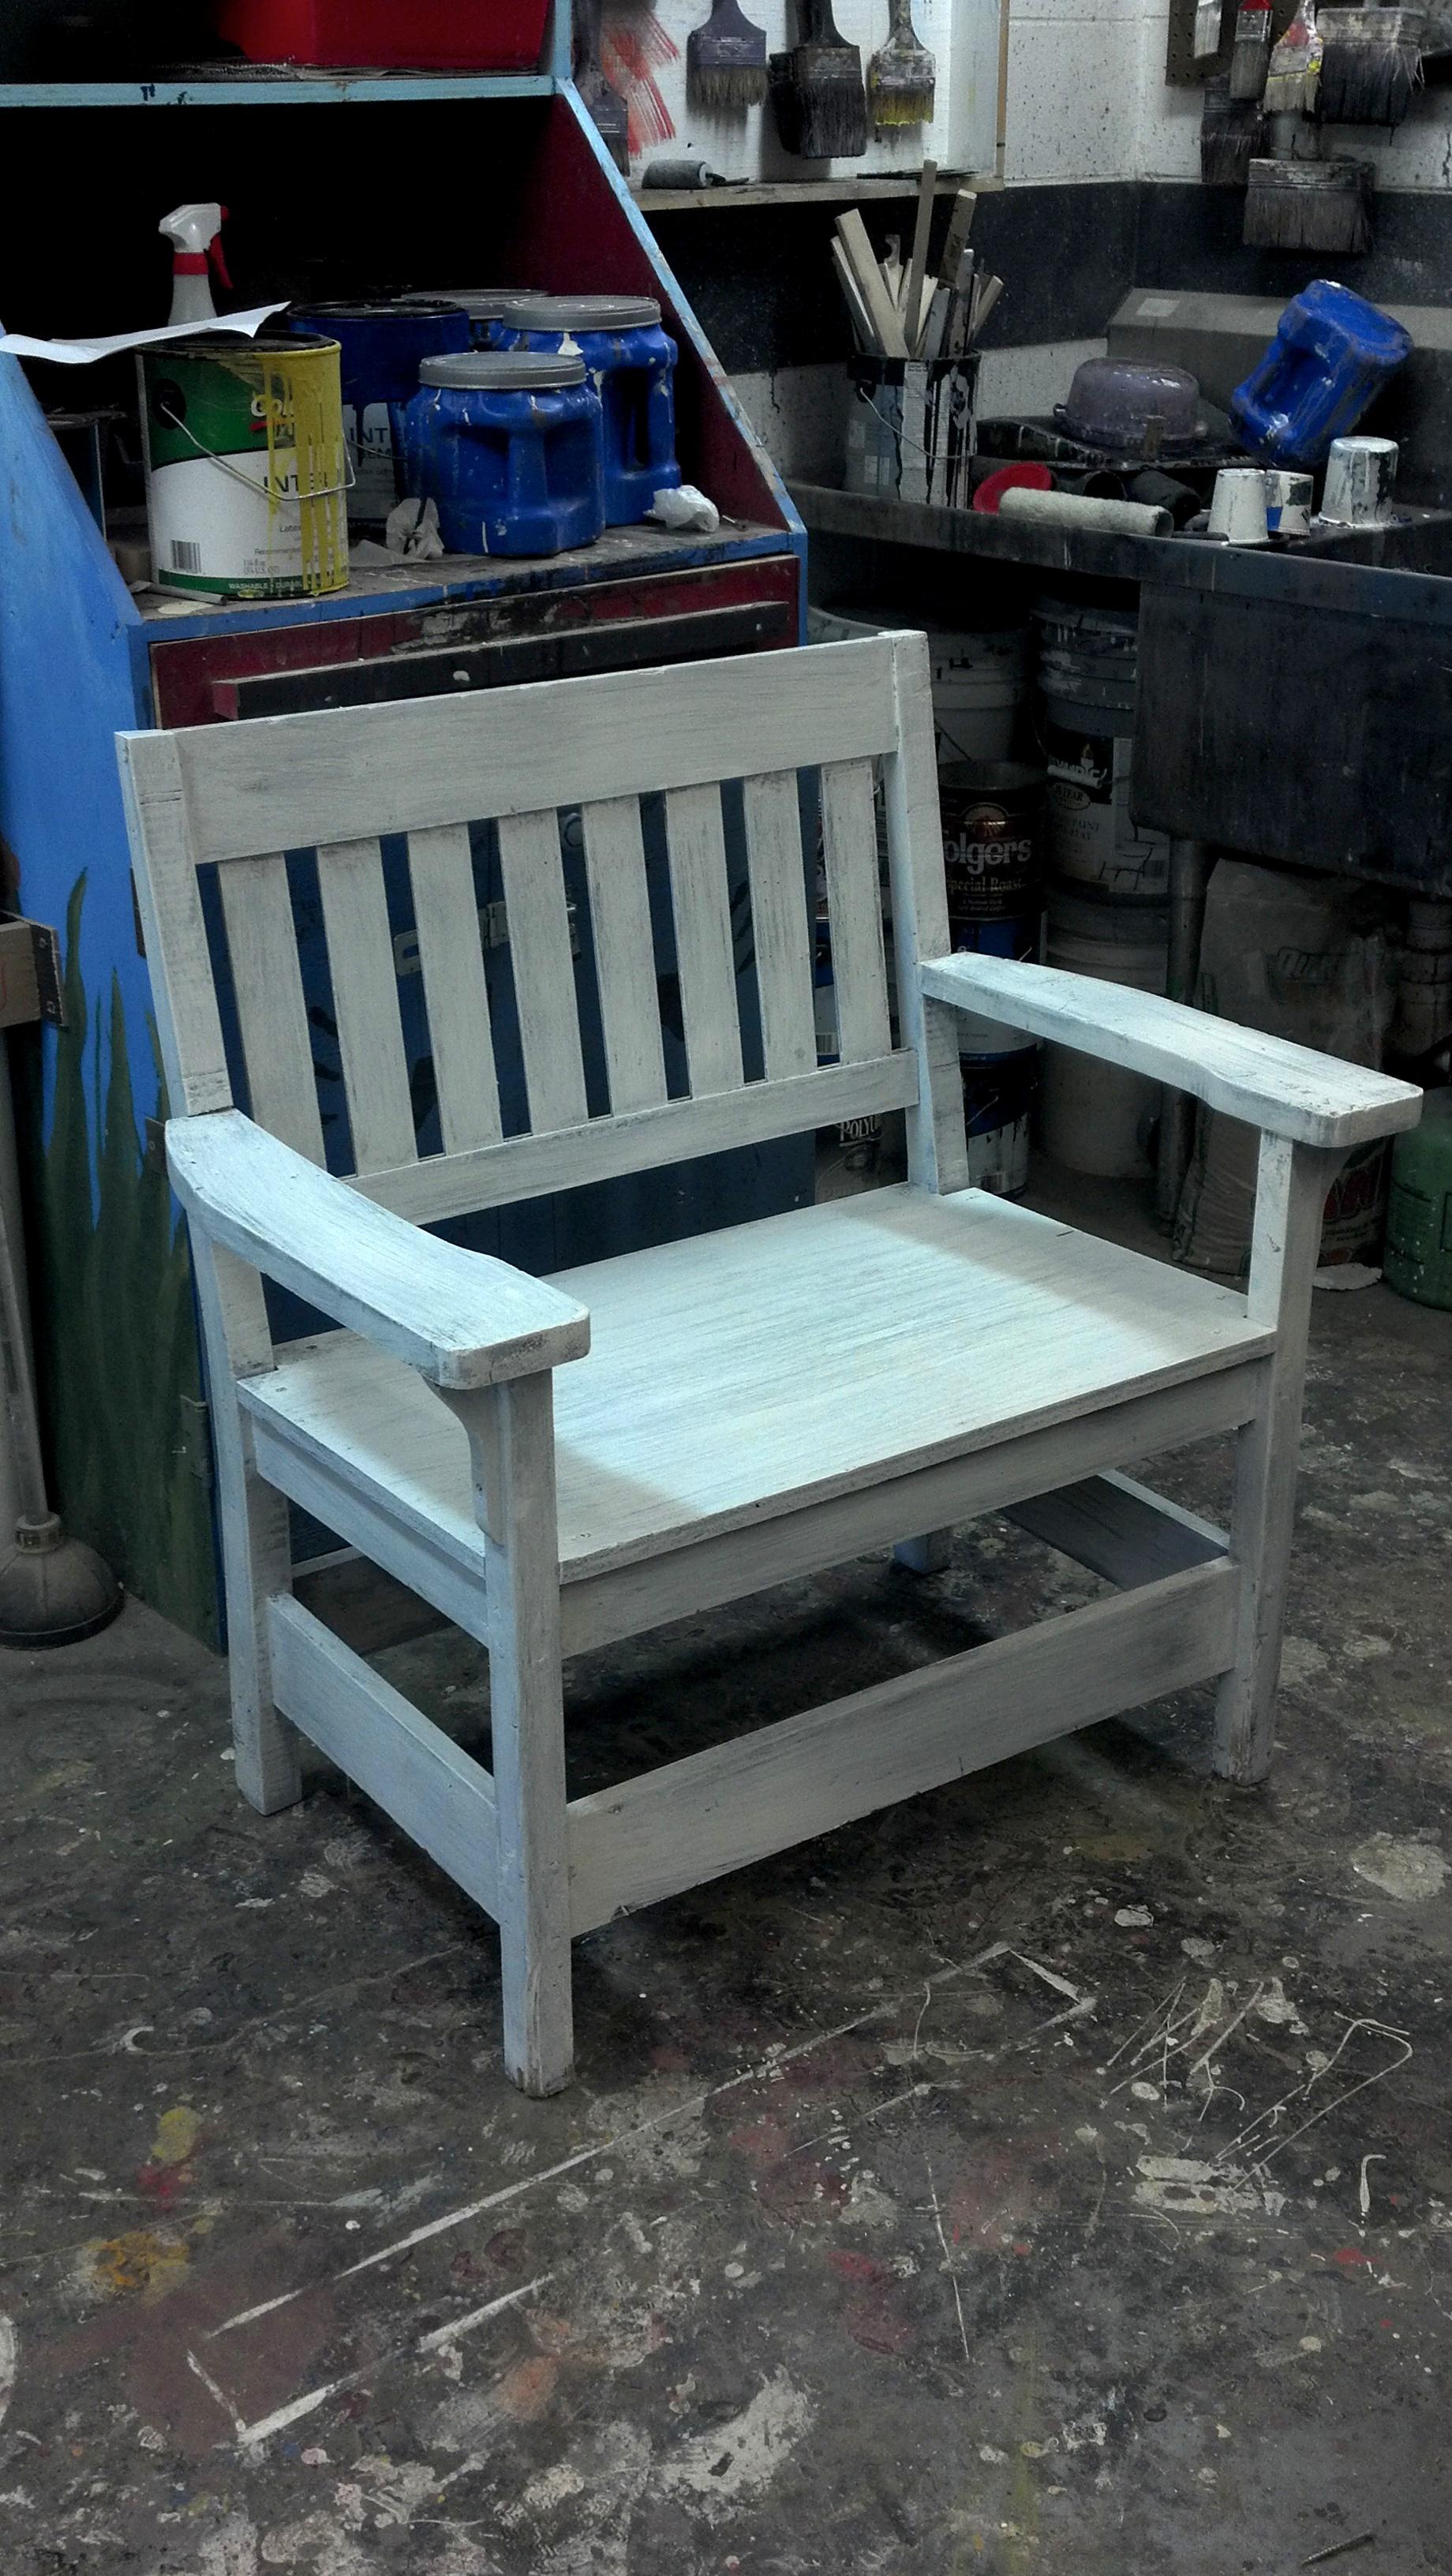 Porch Chair base paint